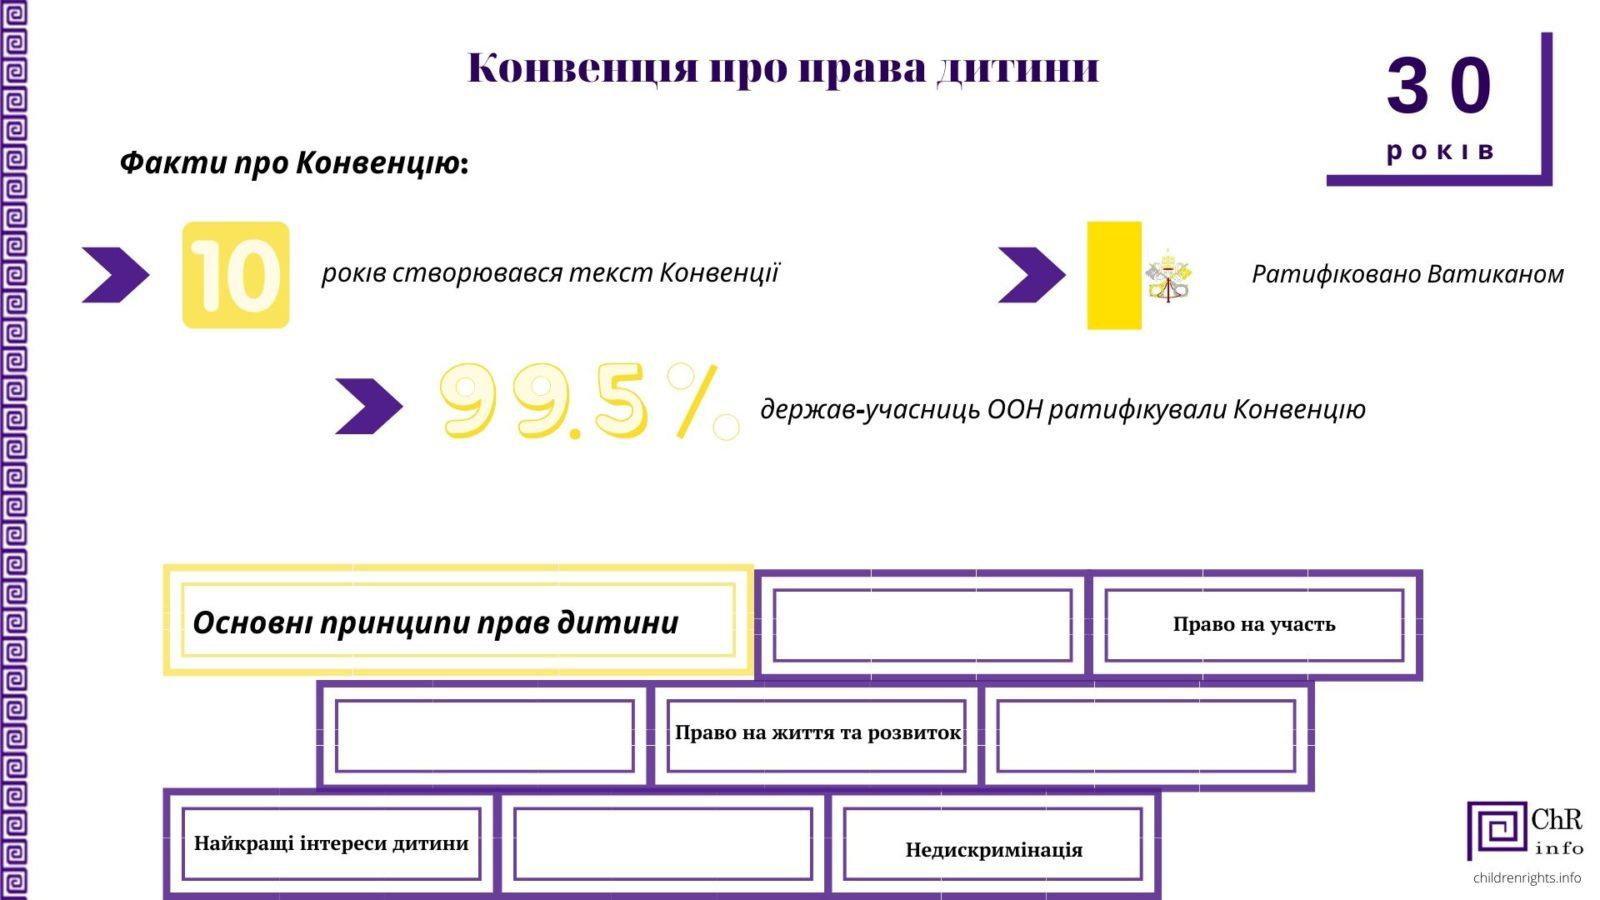 kpd 1 - Конвенція про права дитини: основне